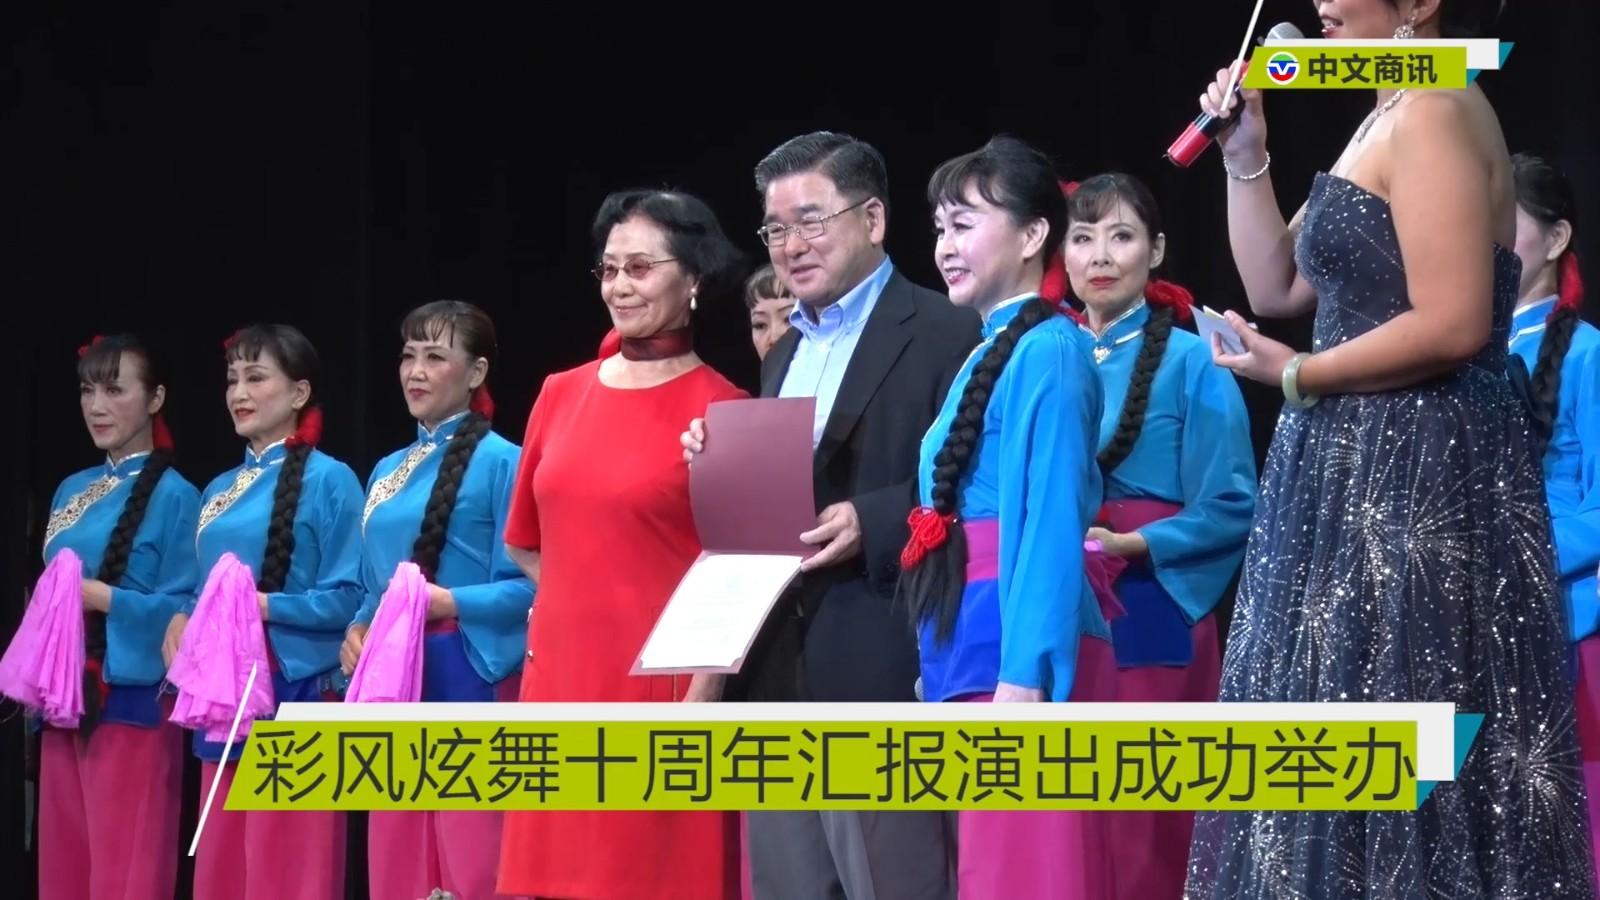 【视频】彩风炫舞十周年汇报演出成功举办